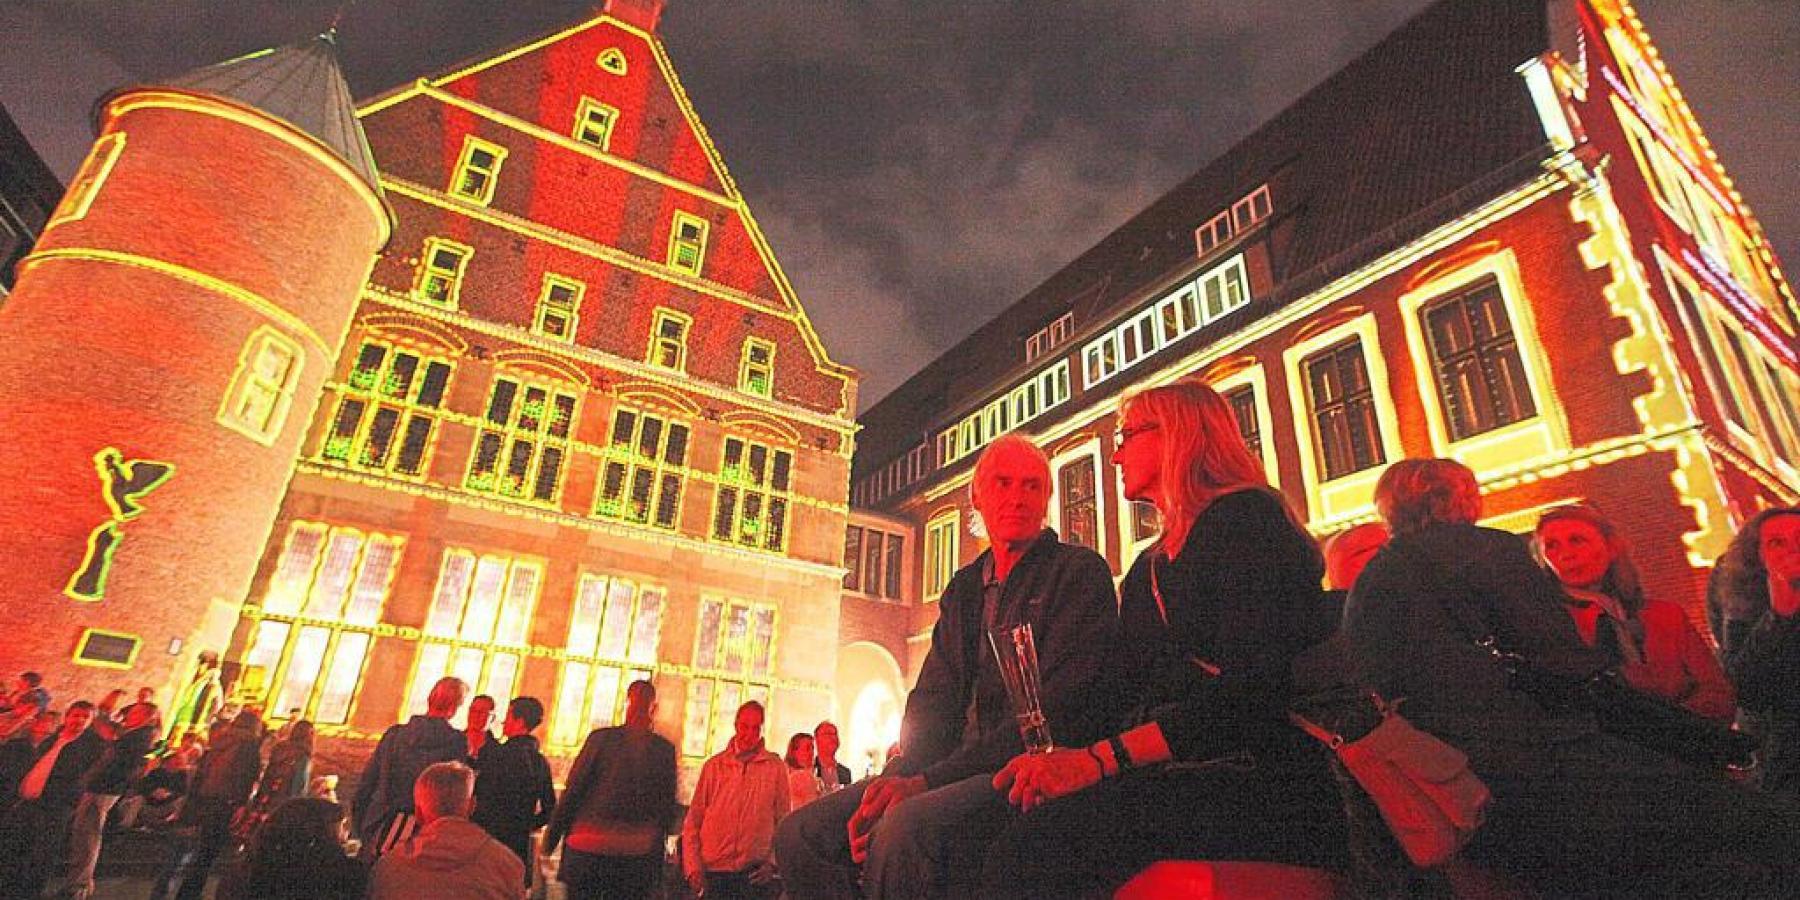 Roter Platz, Riesen-Geburtstagstorte, grüne Parkplätze und gratis Kunstgenuss